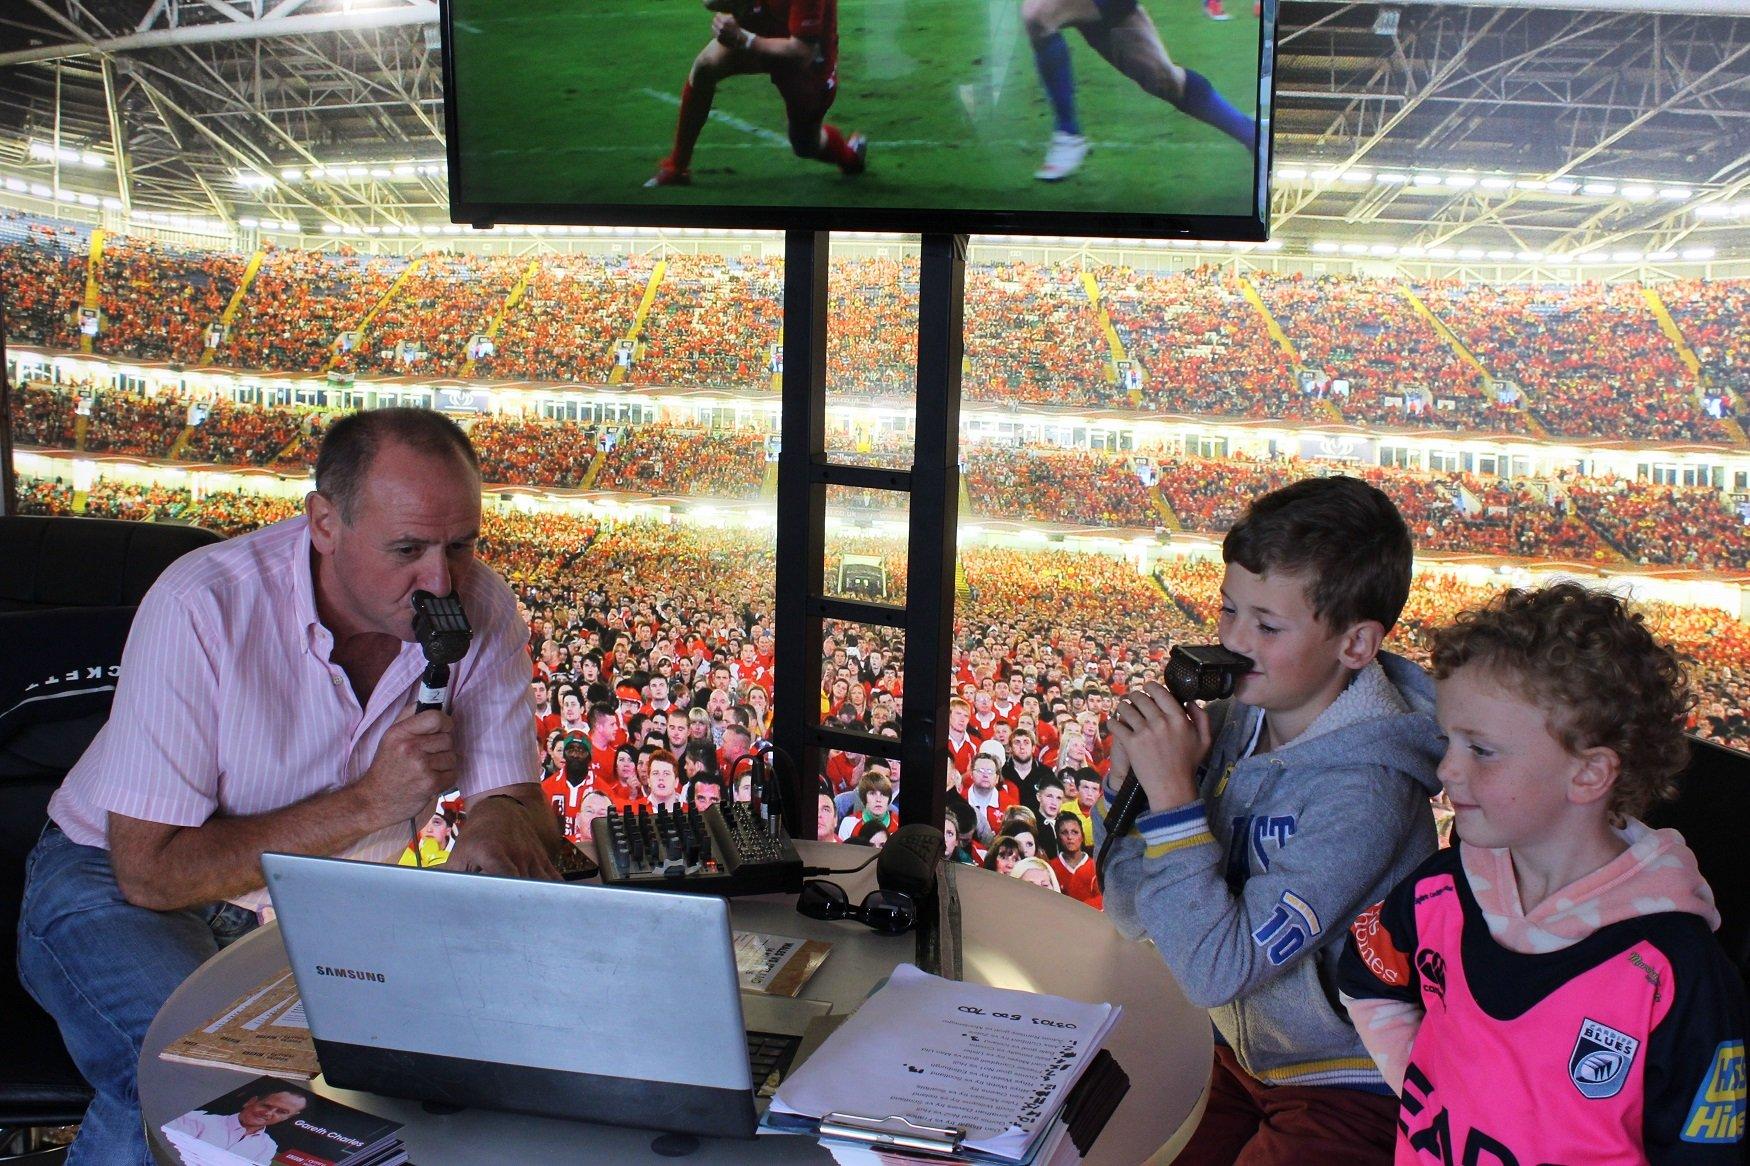 Gareth Charles, Gohebydd Rygbi BBC Cymru yn hyfforddi'r rheng flaen nesa // There's a Scrum V to get rugby commentating tips from BBC Wales's Gareth Charles